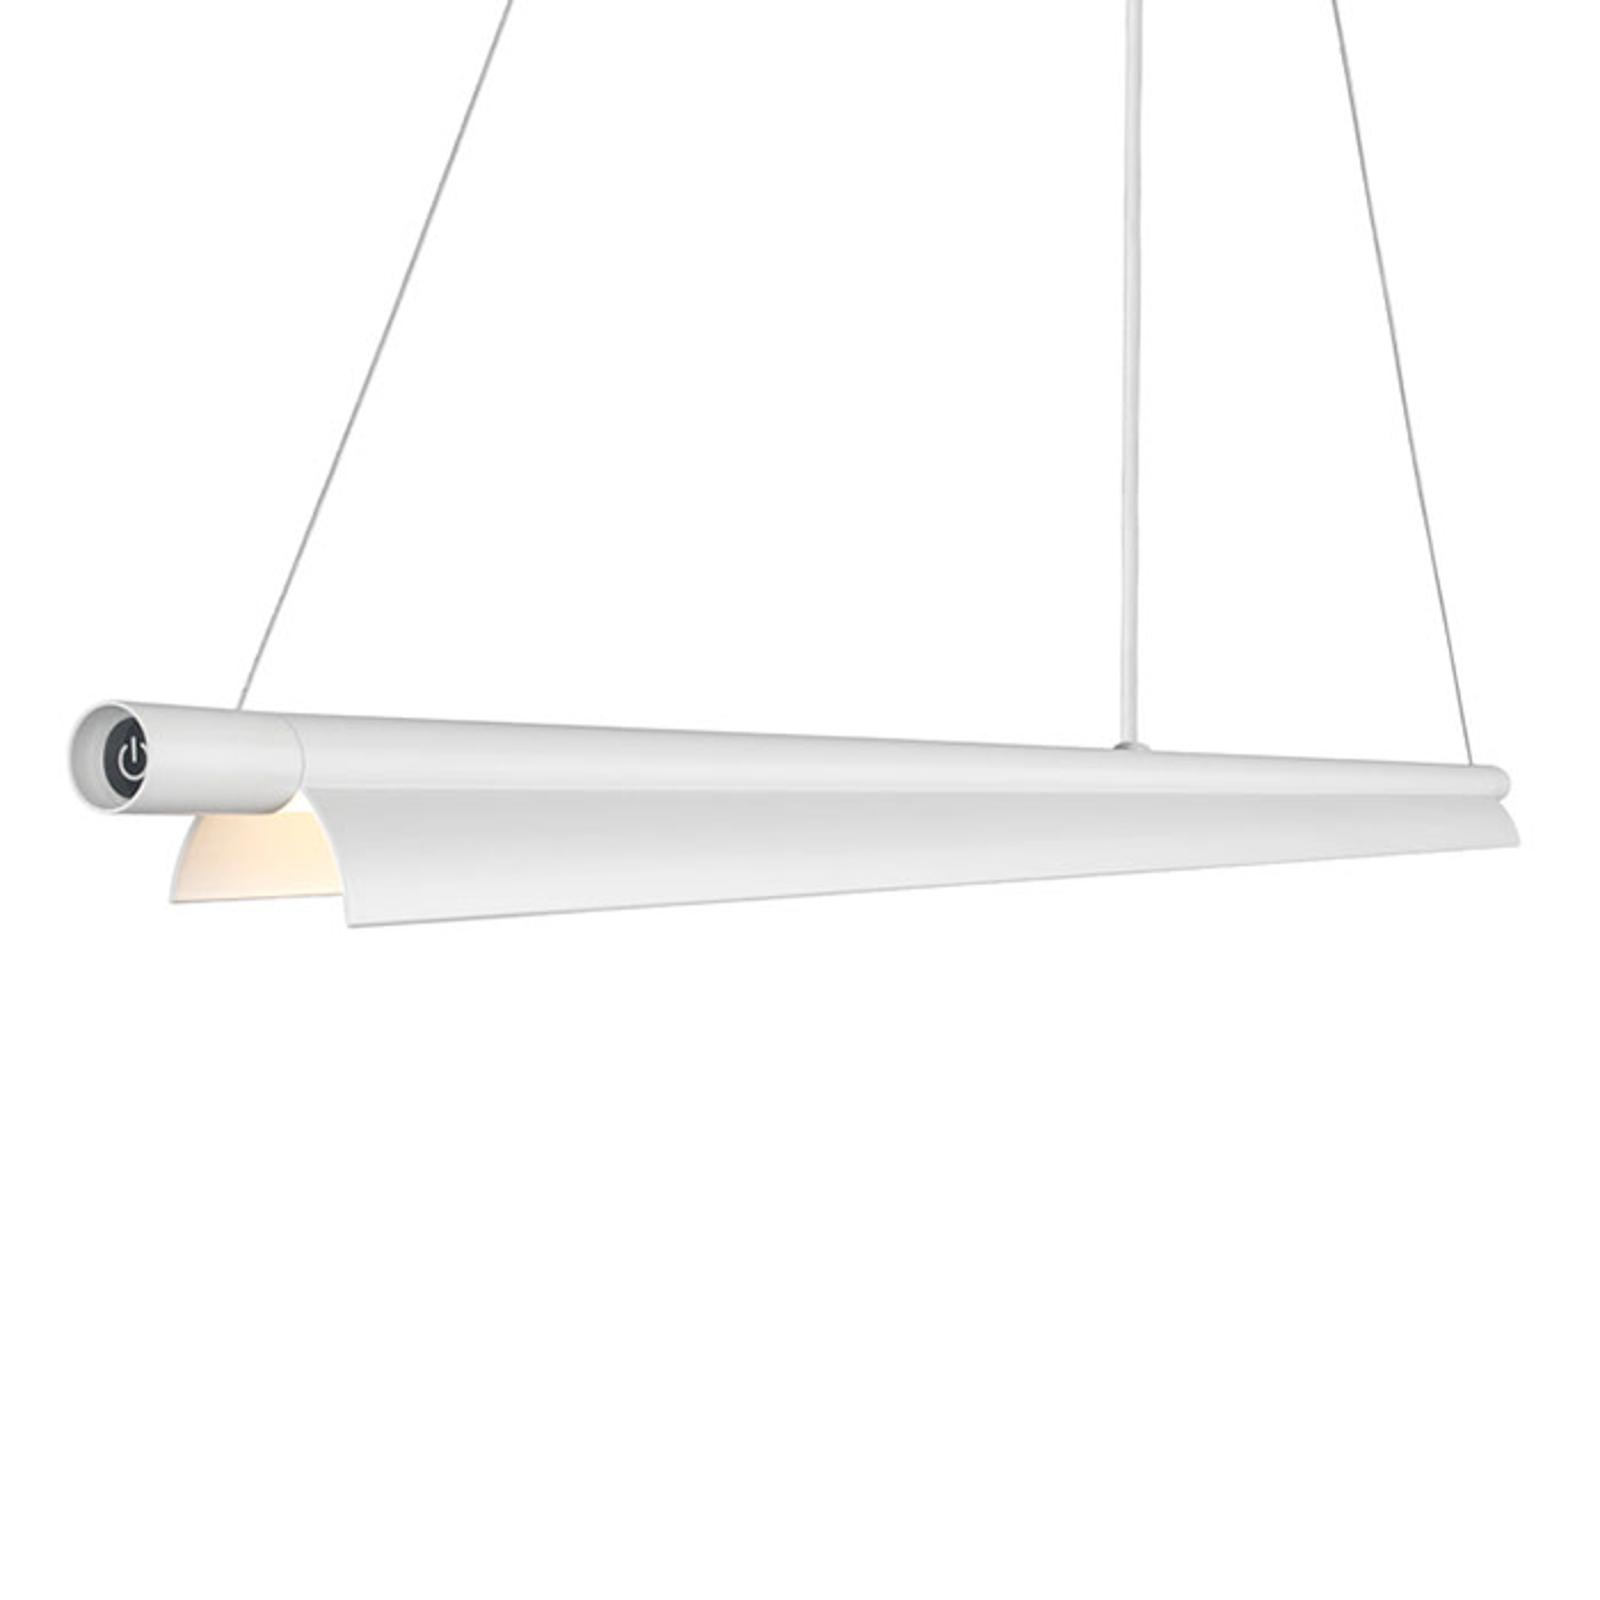 Podłużna lampa wisząca LED Space B biała